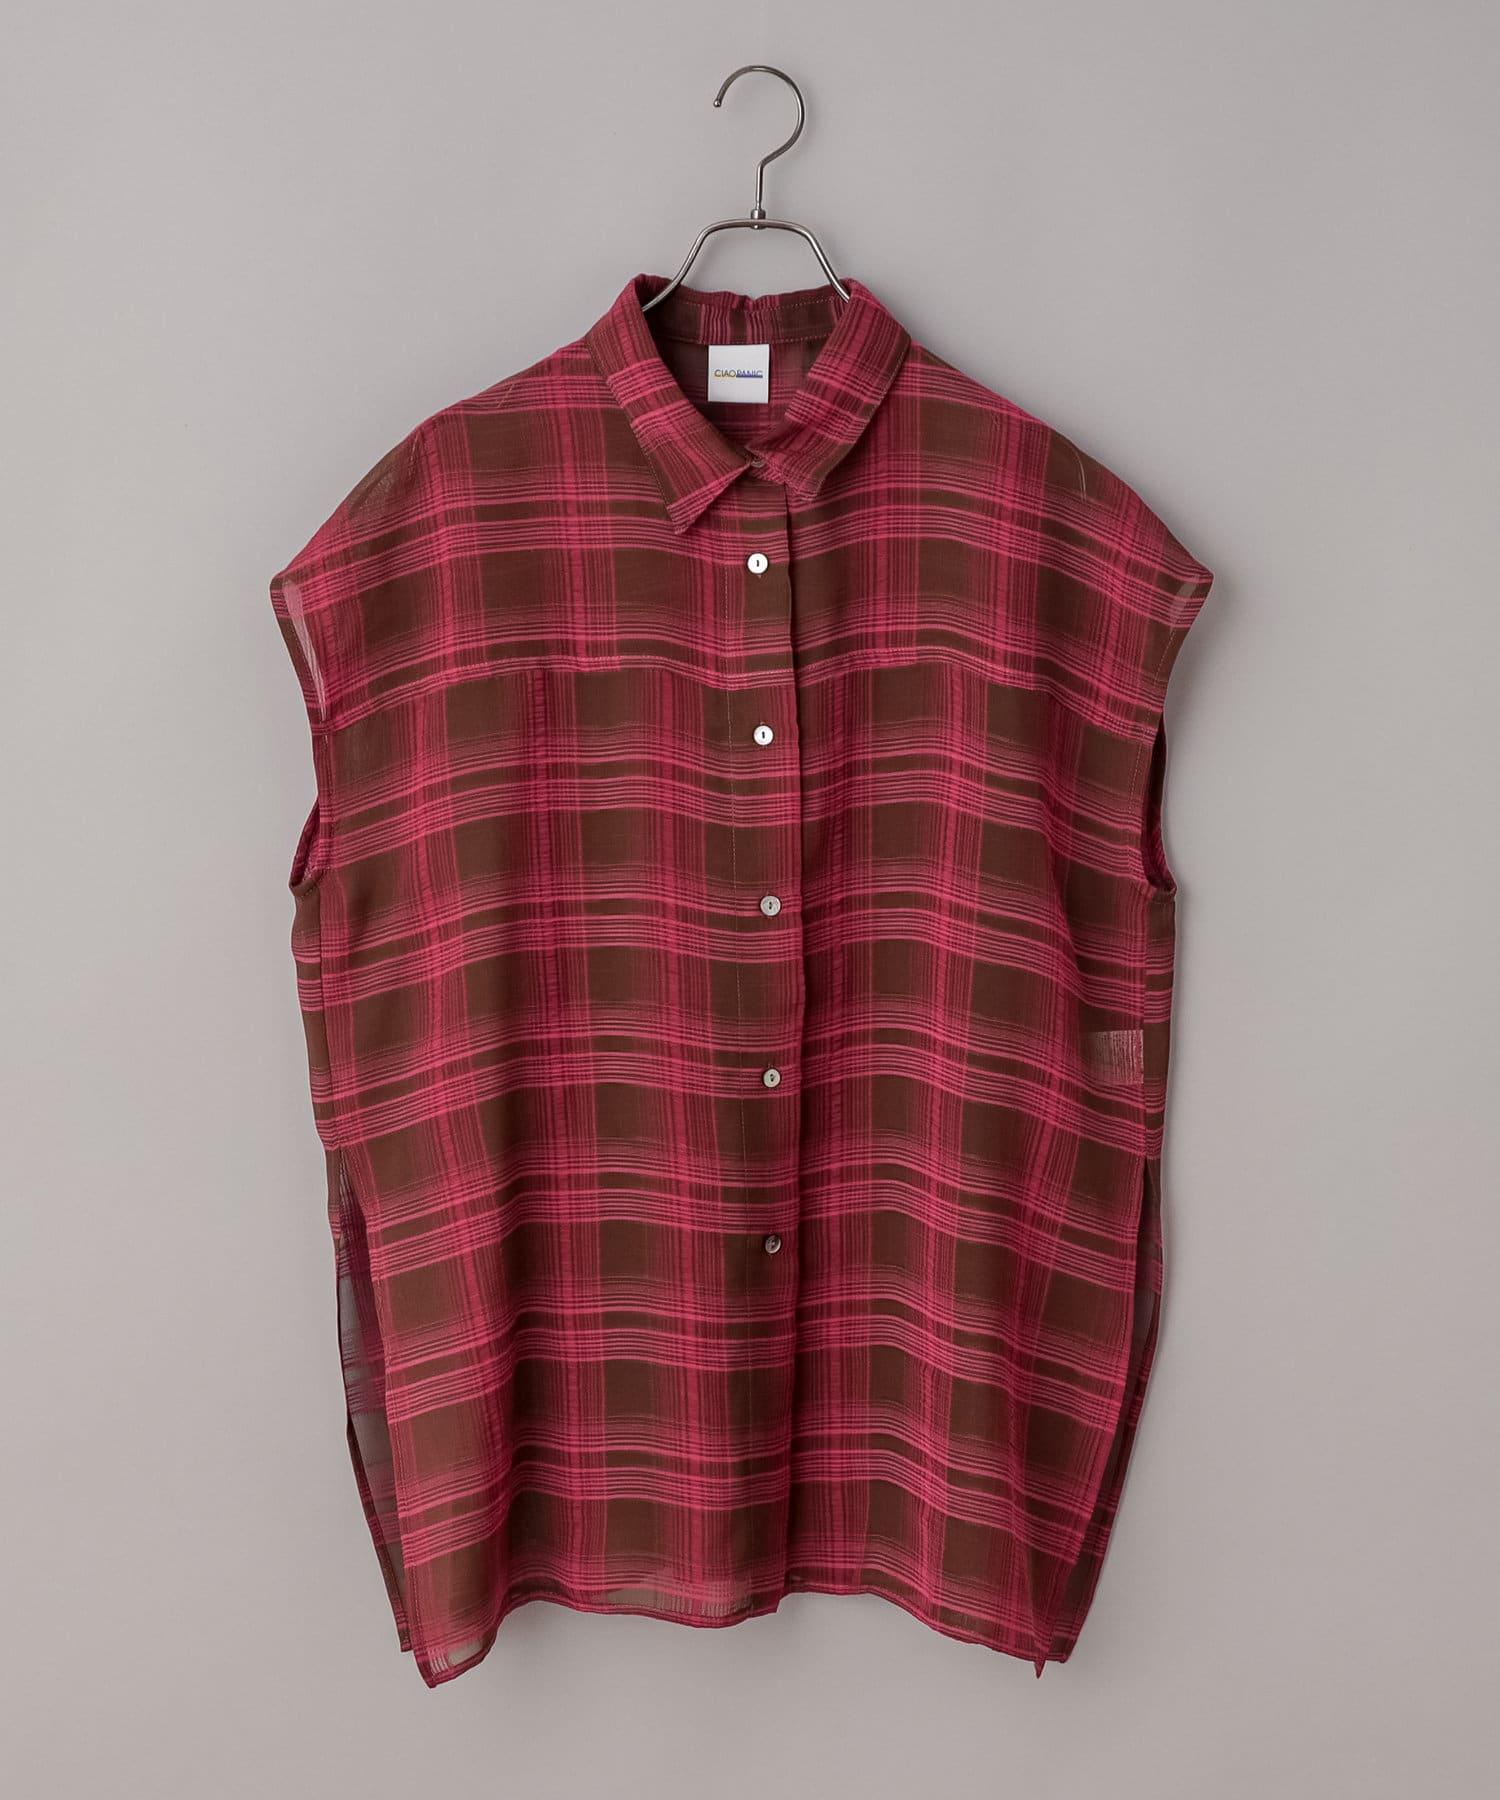 CIAOPANIC(チャオパニック) シアーチェックノースリーブシャツ